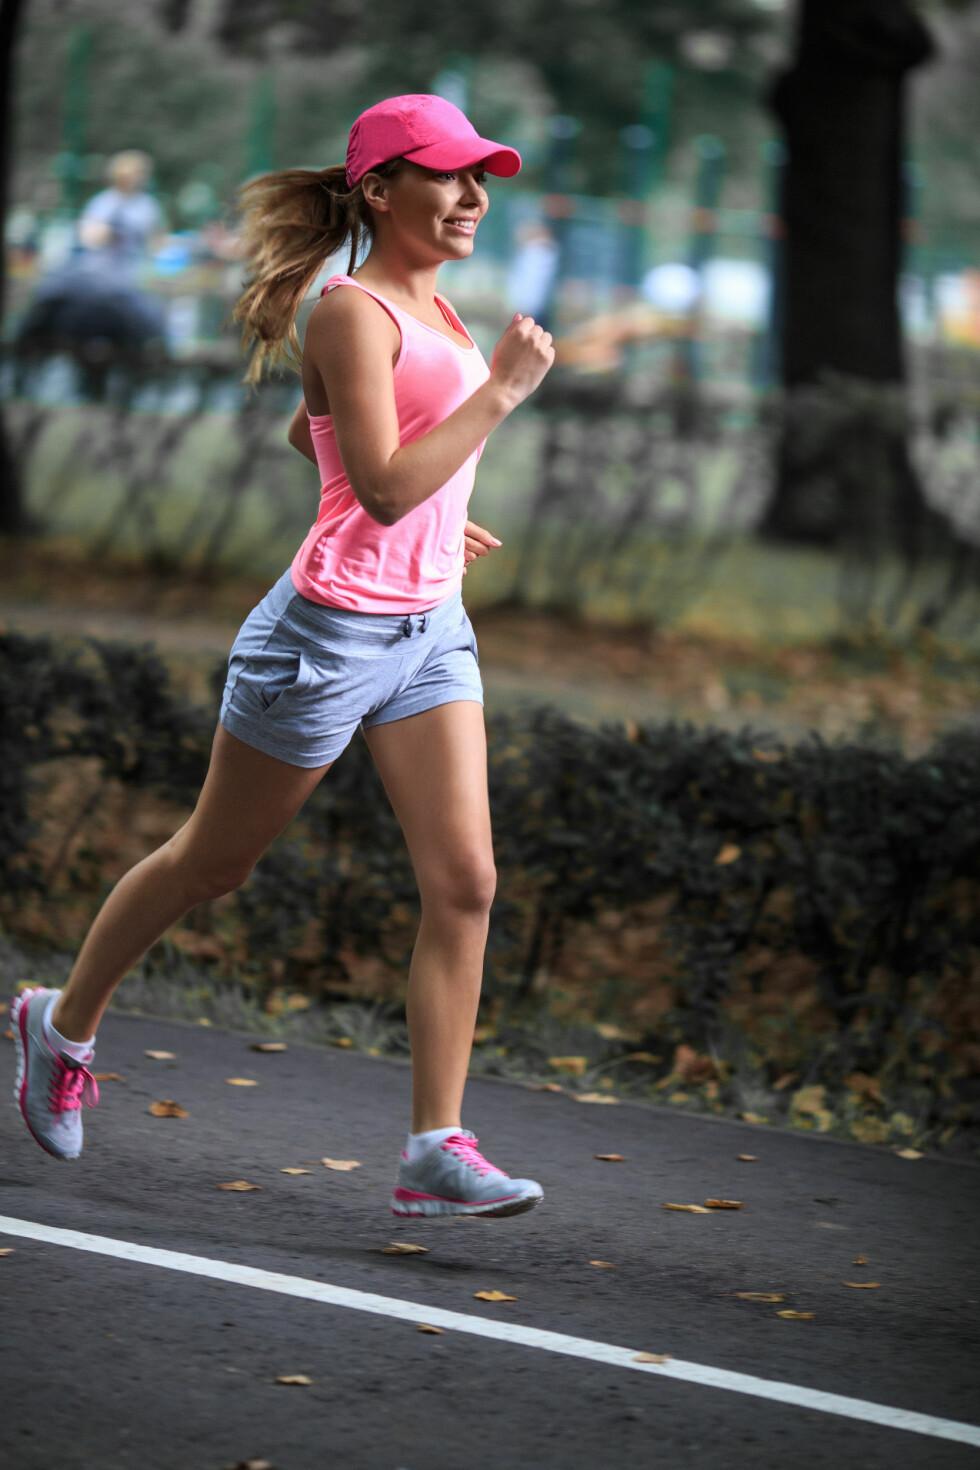 START SAKTE: Nøkkelen for alle som er nybegynnere på løping, er faktisk å løpe sakte nok! Foto: Deklofenak - Fotolia